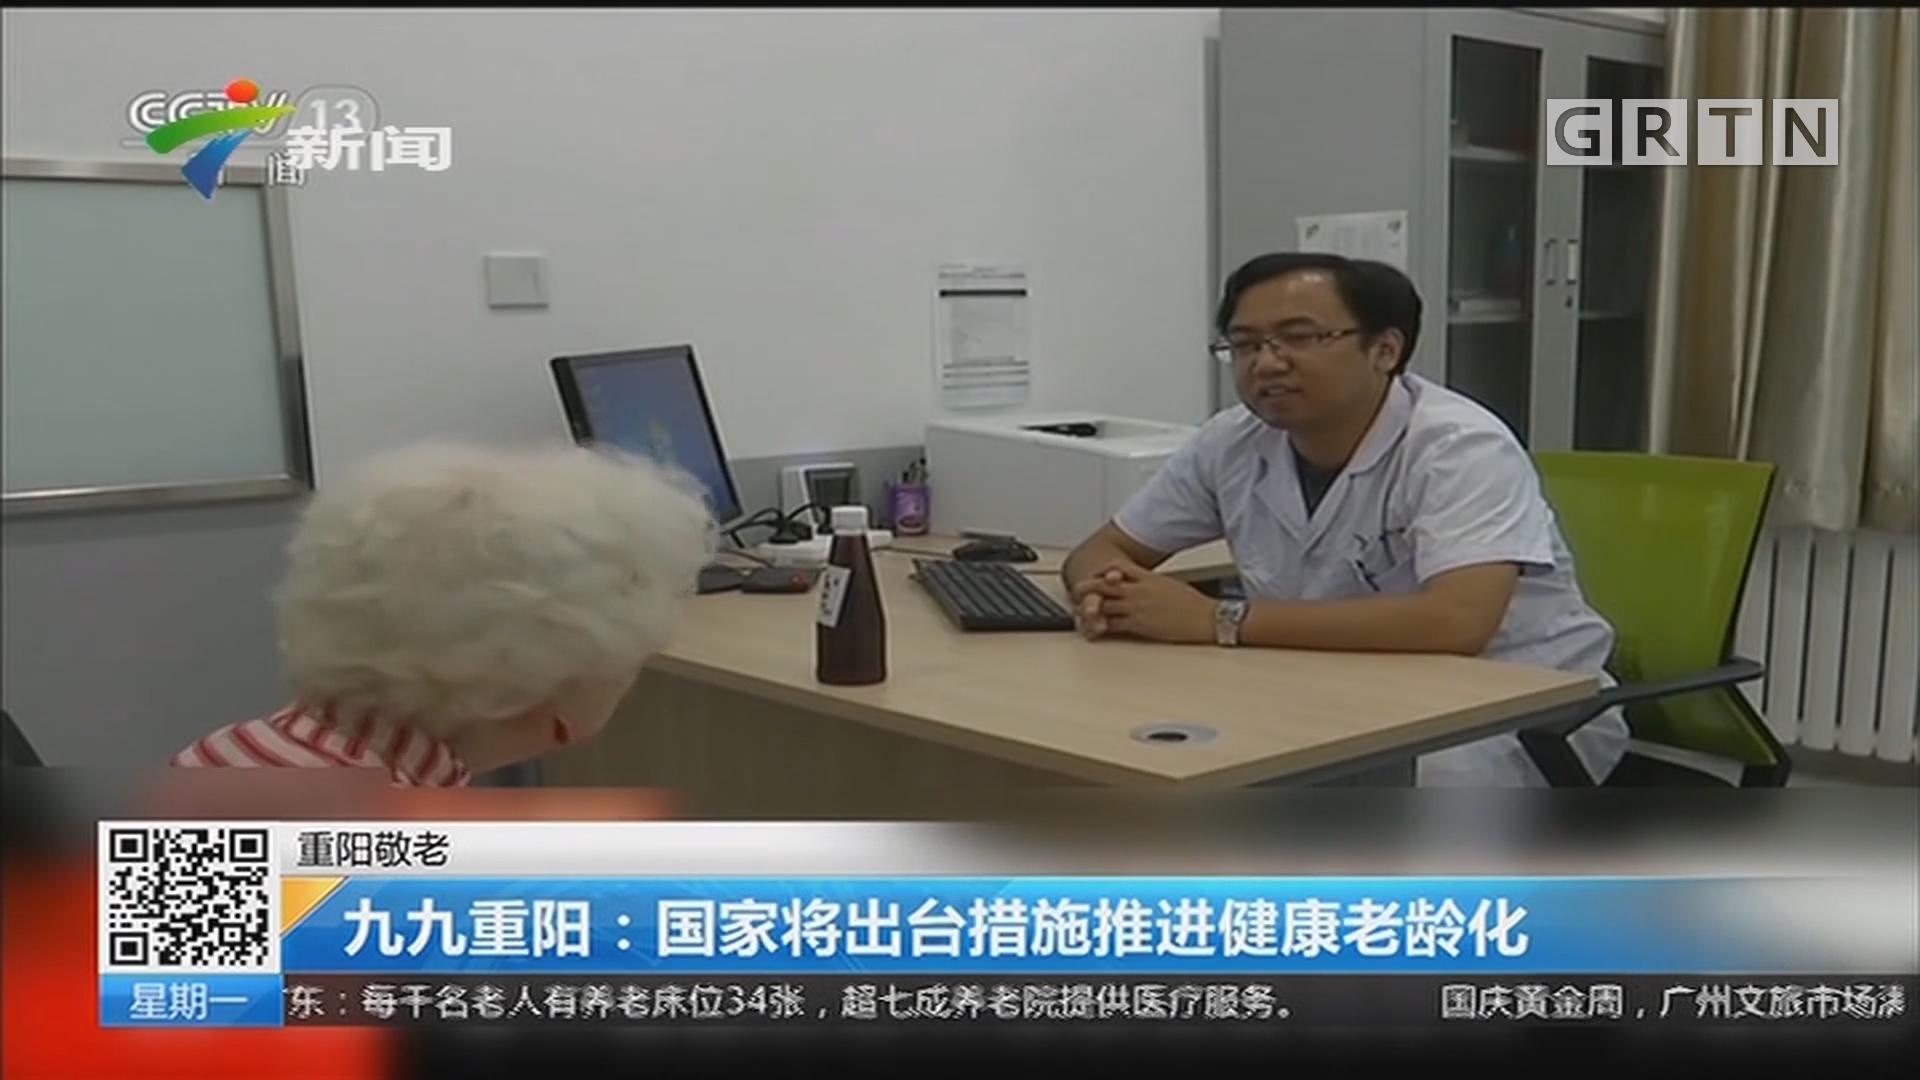 重阳敬老 九九重阳:国家将出台措施推进健康老龄化